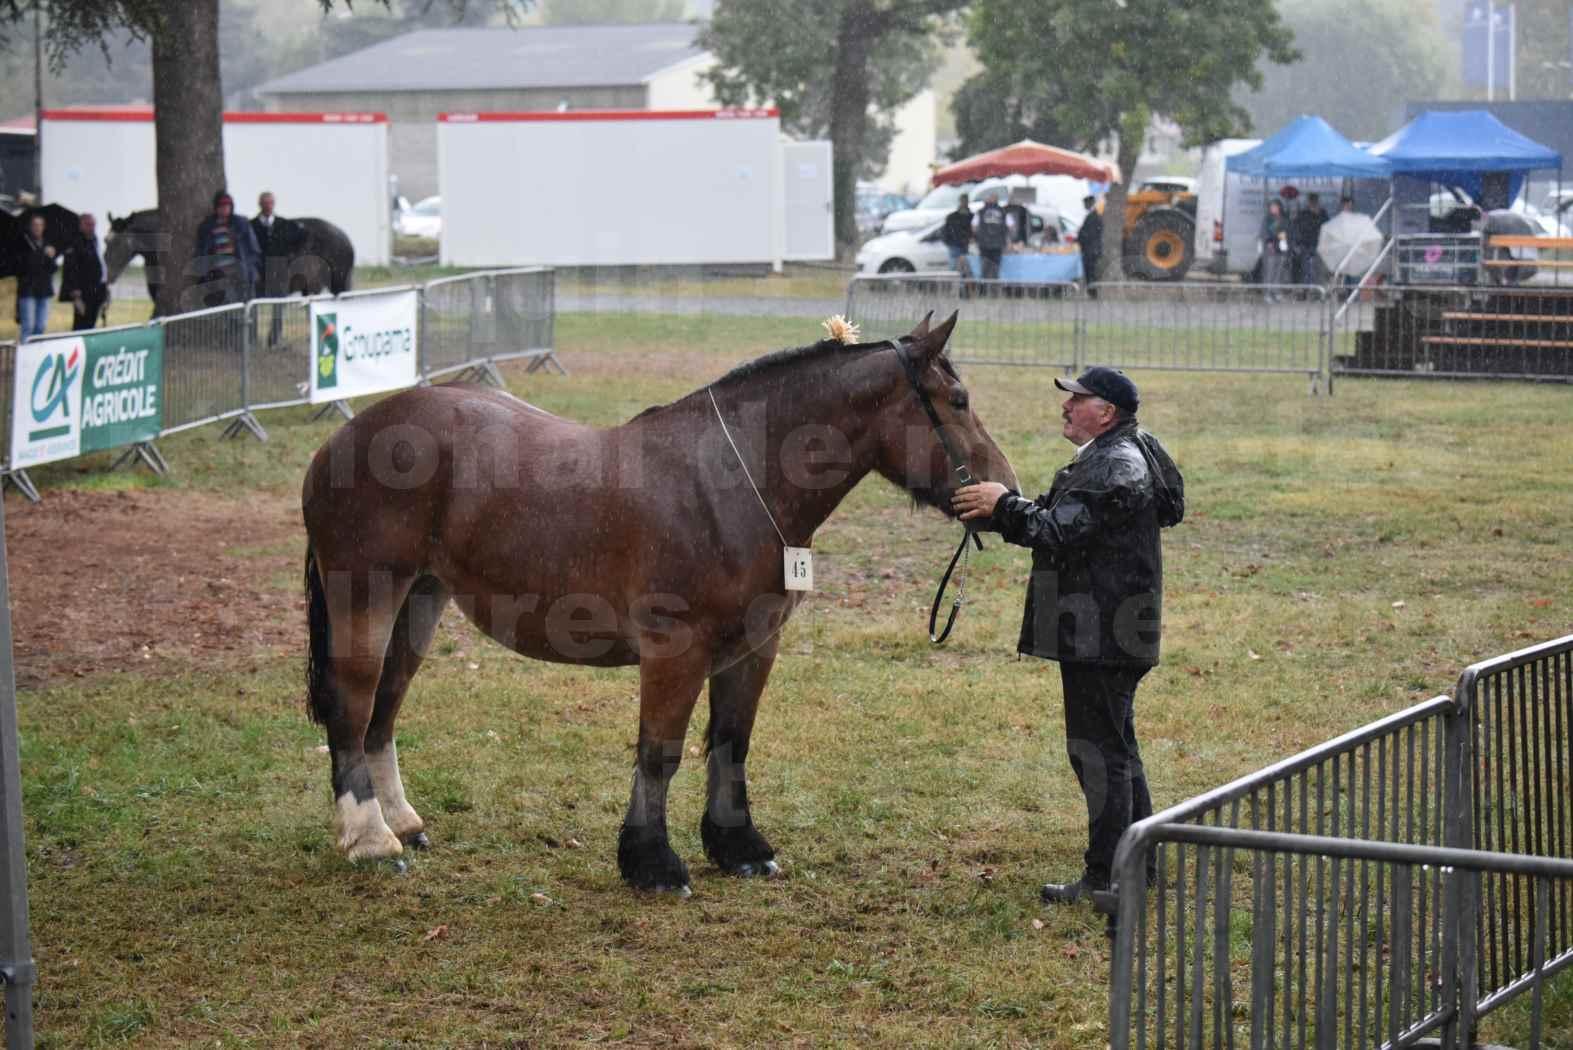 Concours Régional de chevaux de traits en 2017 - Trait BRETON  - EGLANTINE DE BENECHE - 01